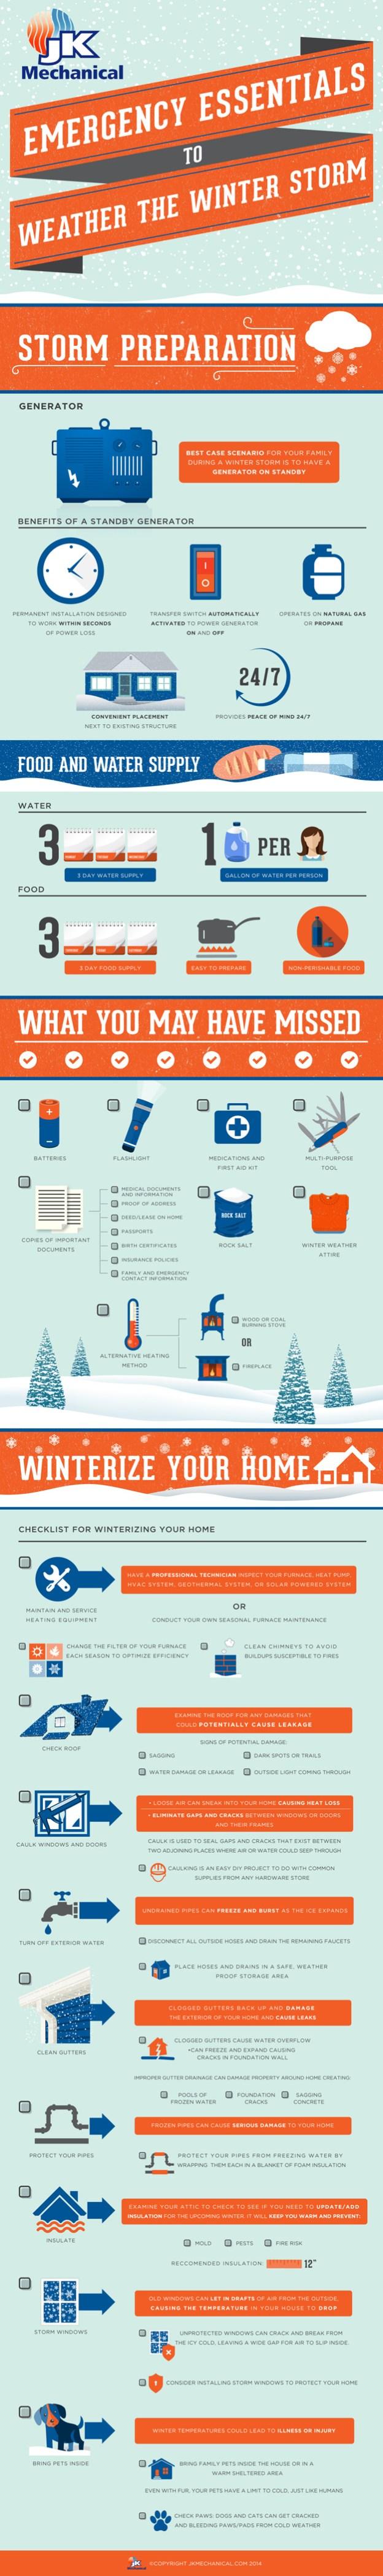 emergency-essentials-winter-storm